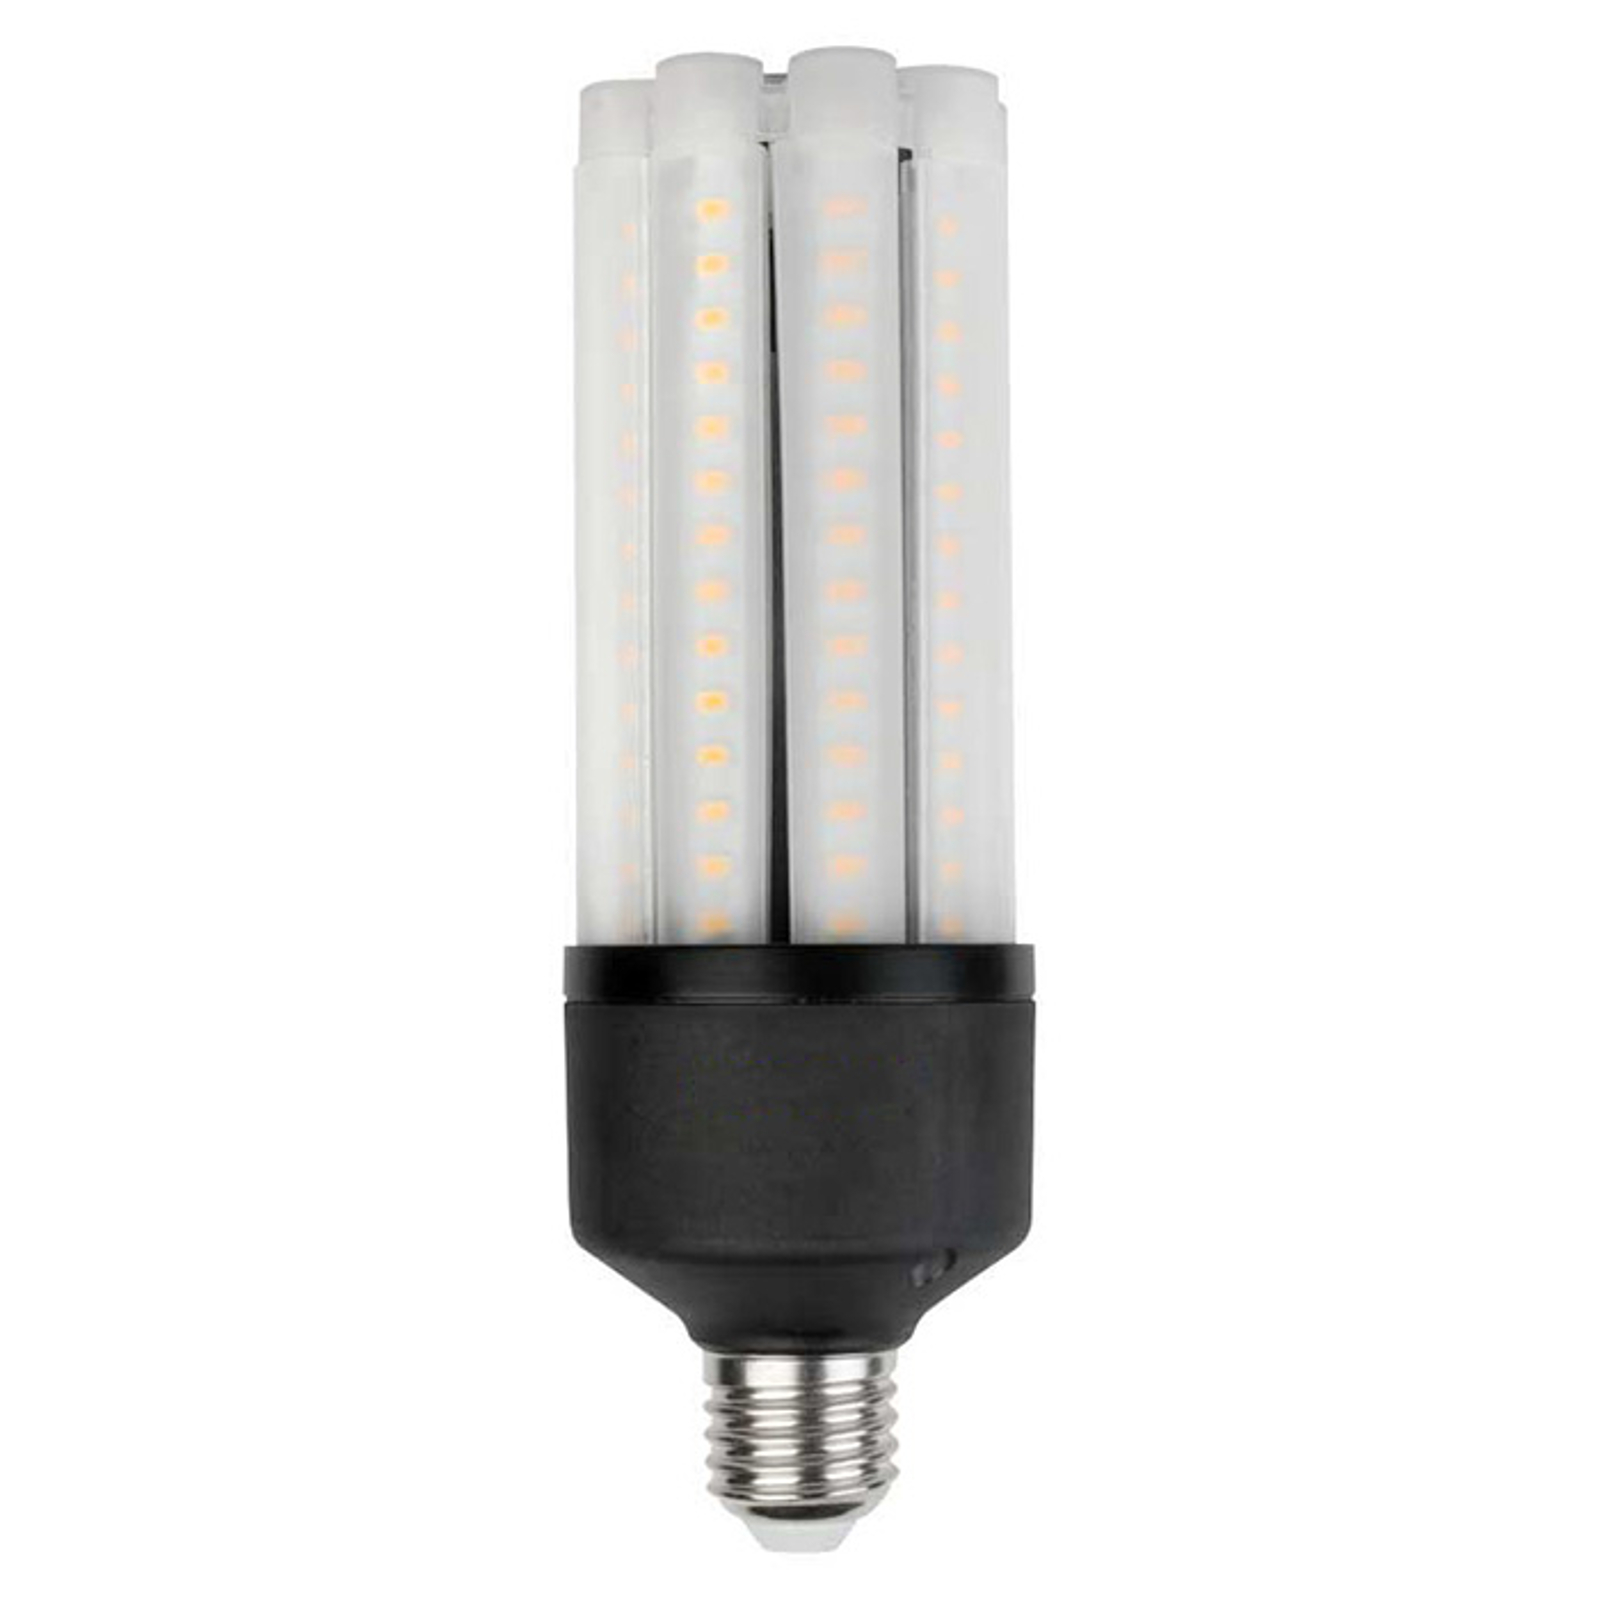 E27 35W LED Clusterlite MEGAMAN varmhvid